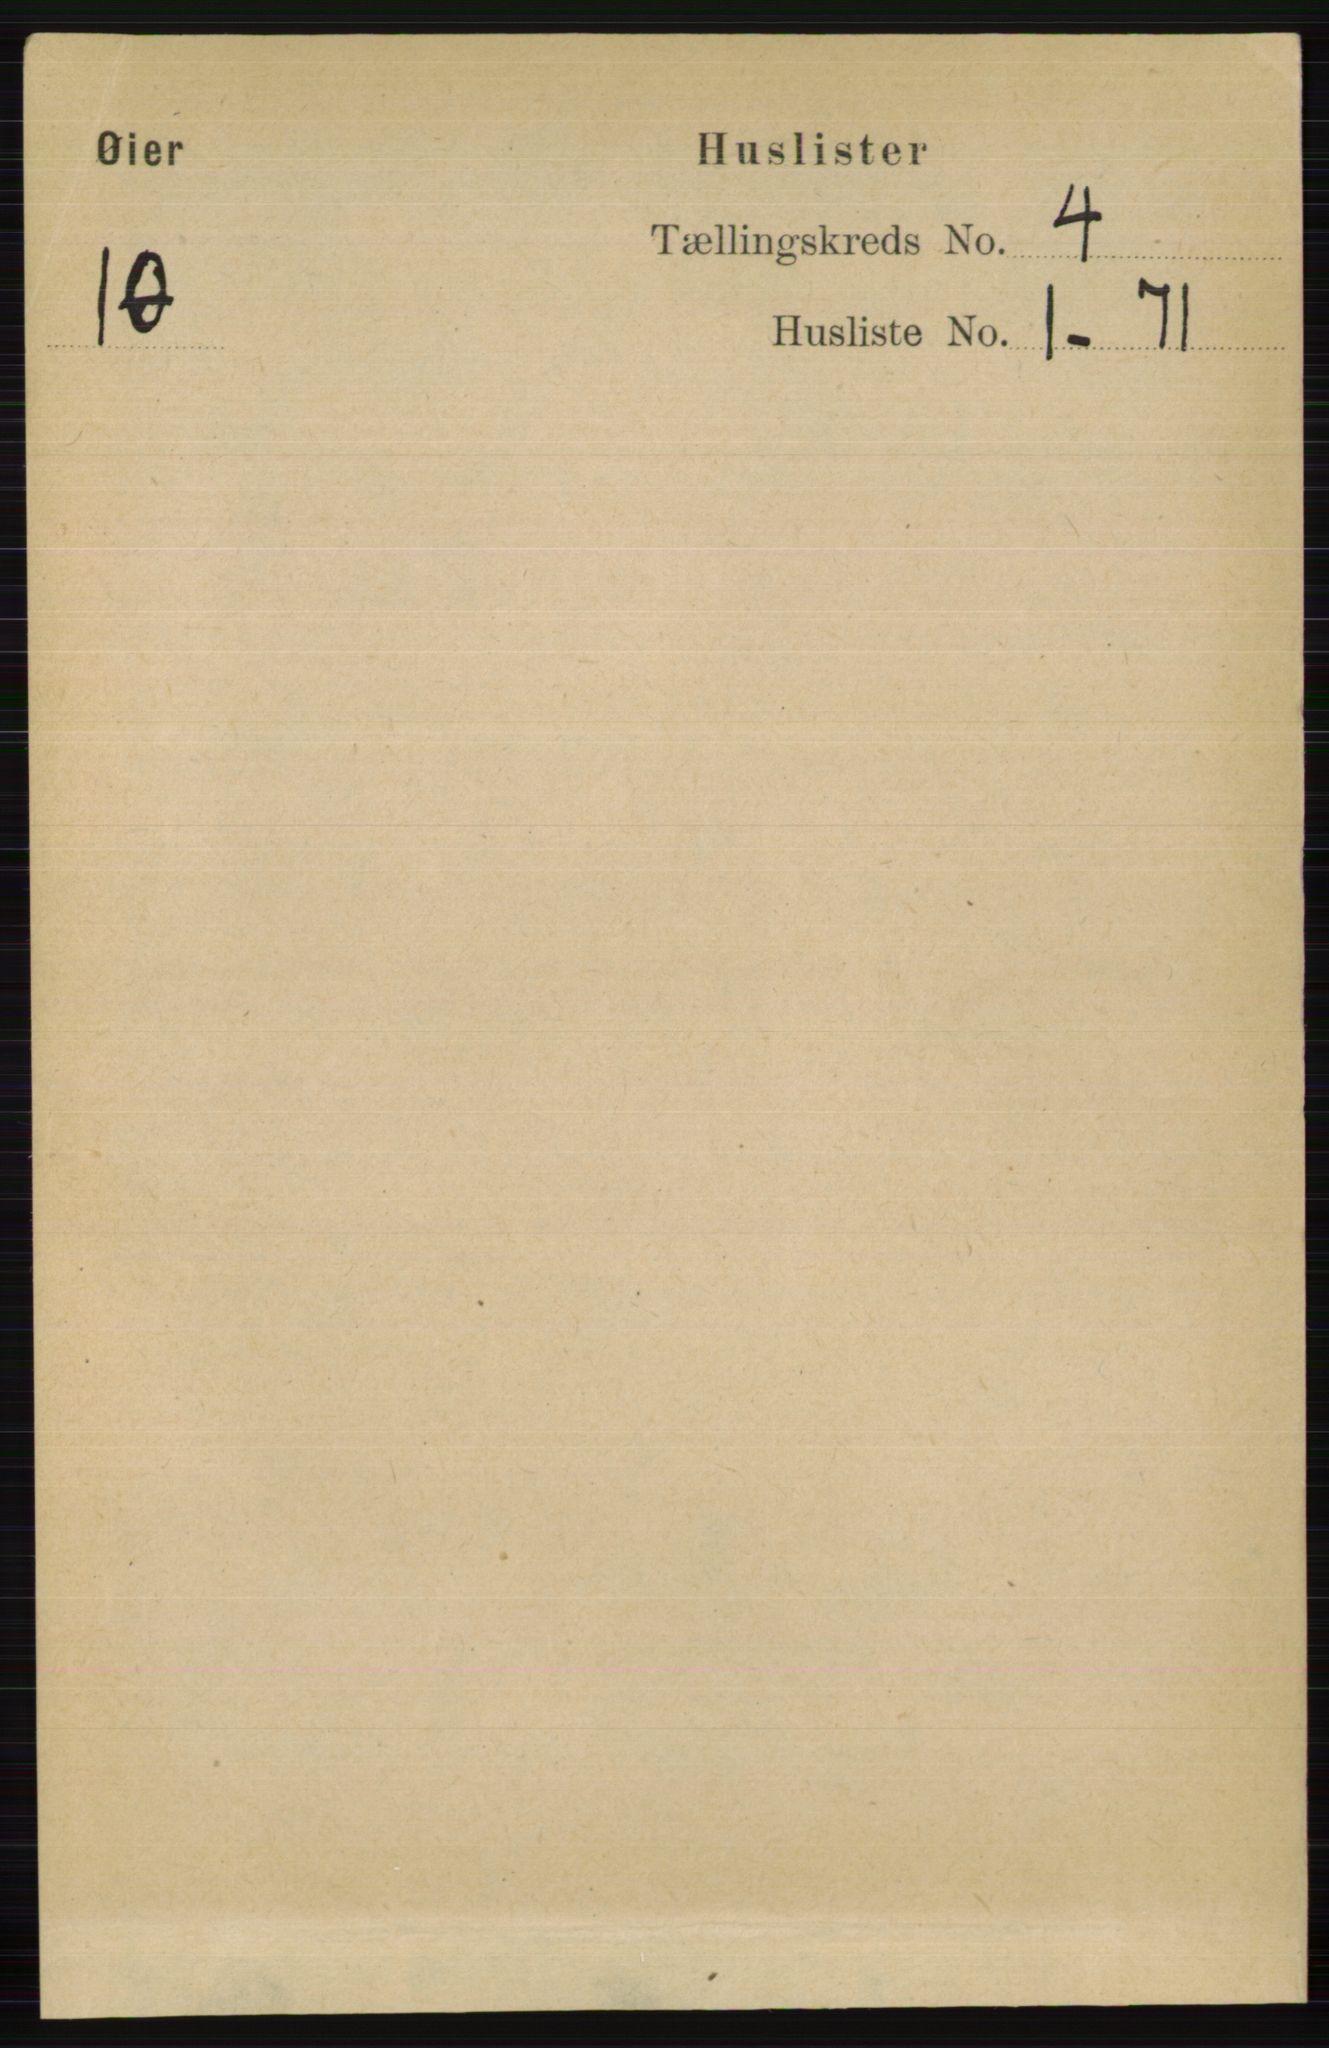 RA, Folketelling 1891 for 0521 Øyer herred, 1891, s. 1231